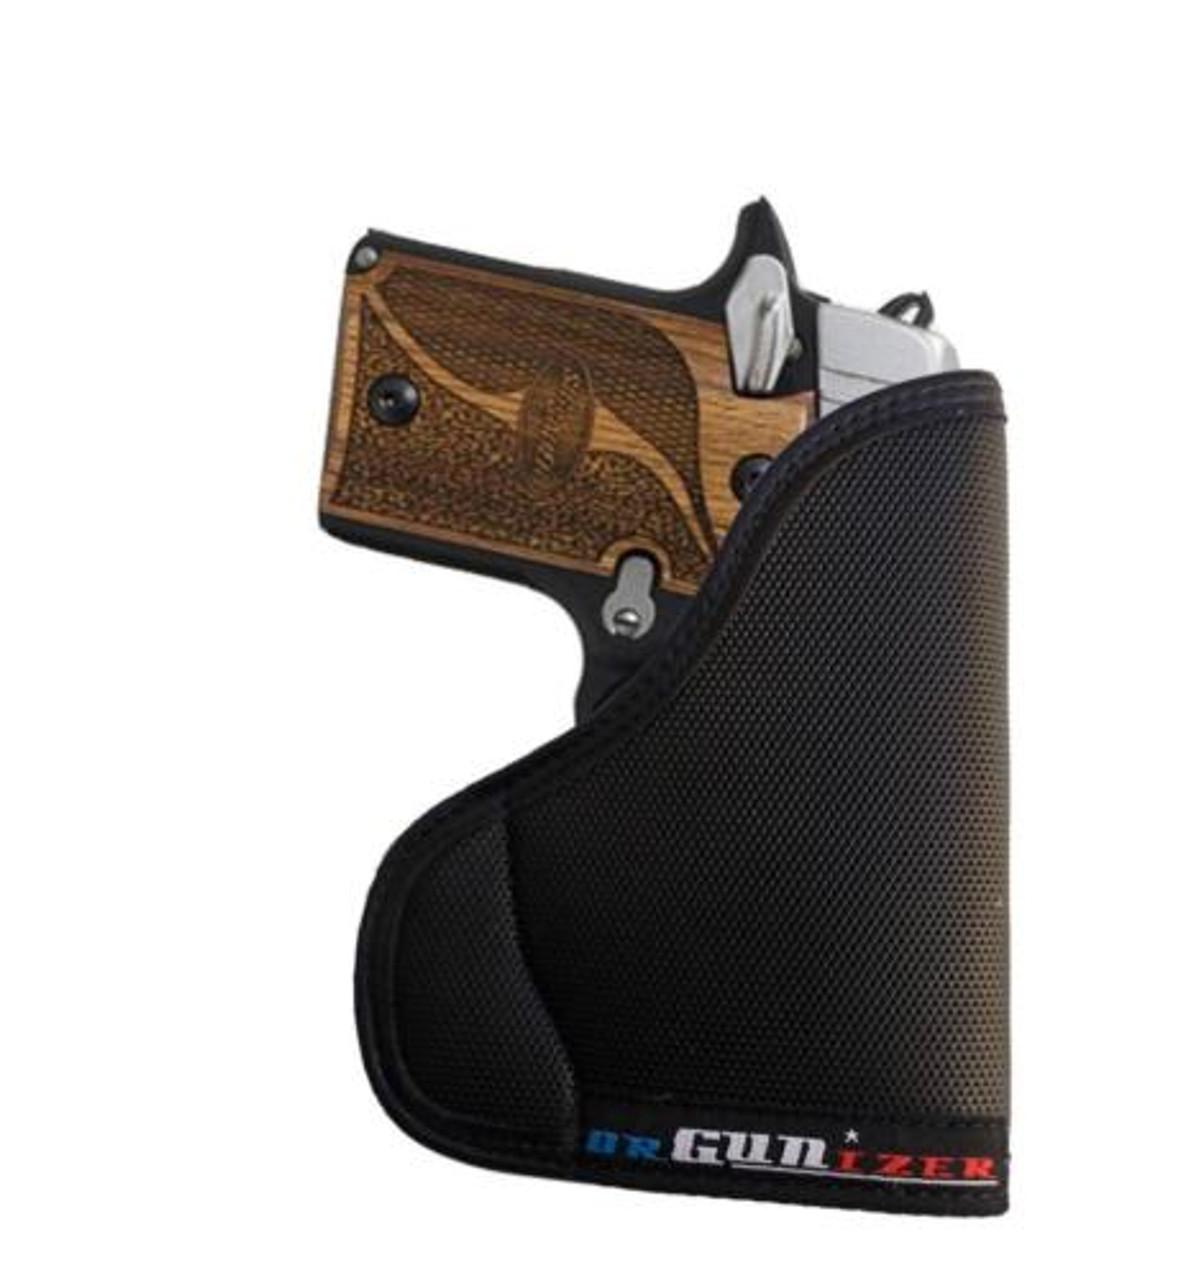 Sig Sauer P938 9mm Leather Trimmed Custom Fit orGUNizer Pocket Holster (C)